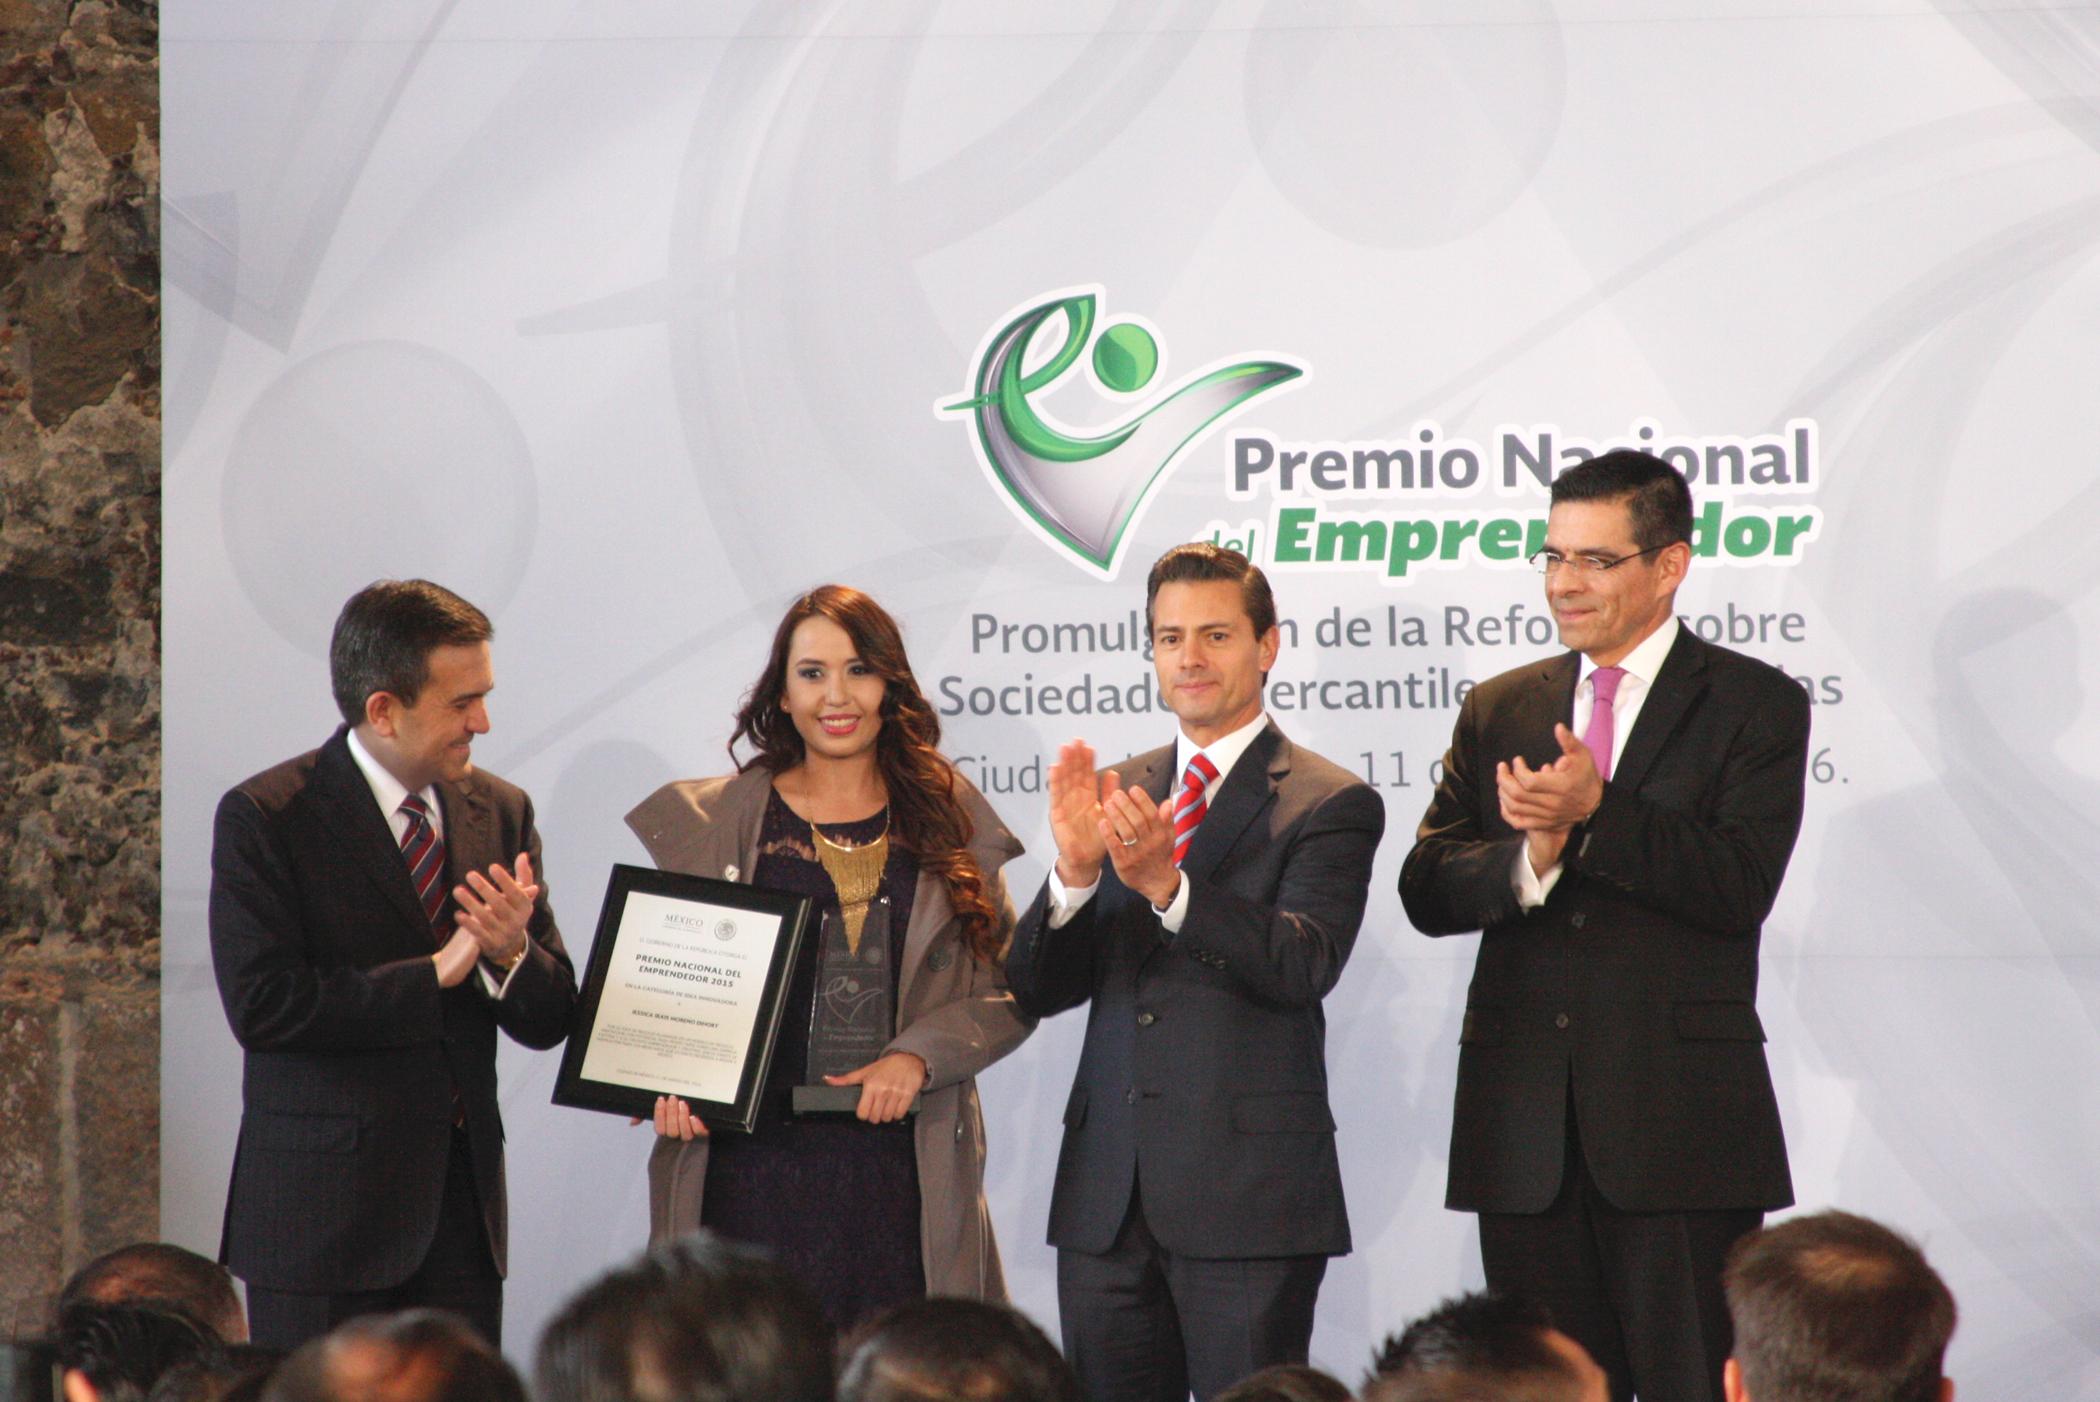 Ceremonia de entrega del Premio Nacional del Emprendedor 2015